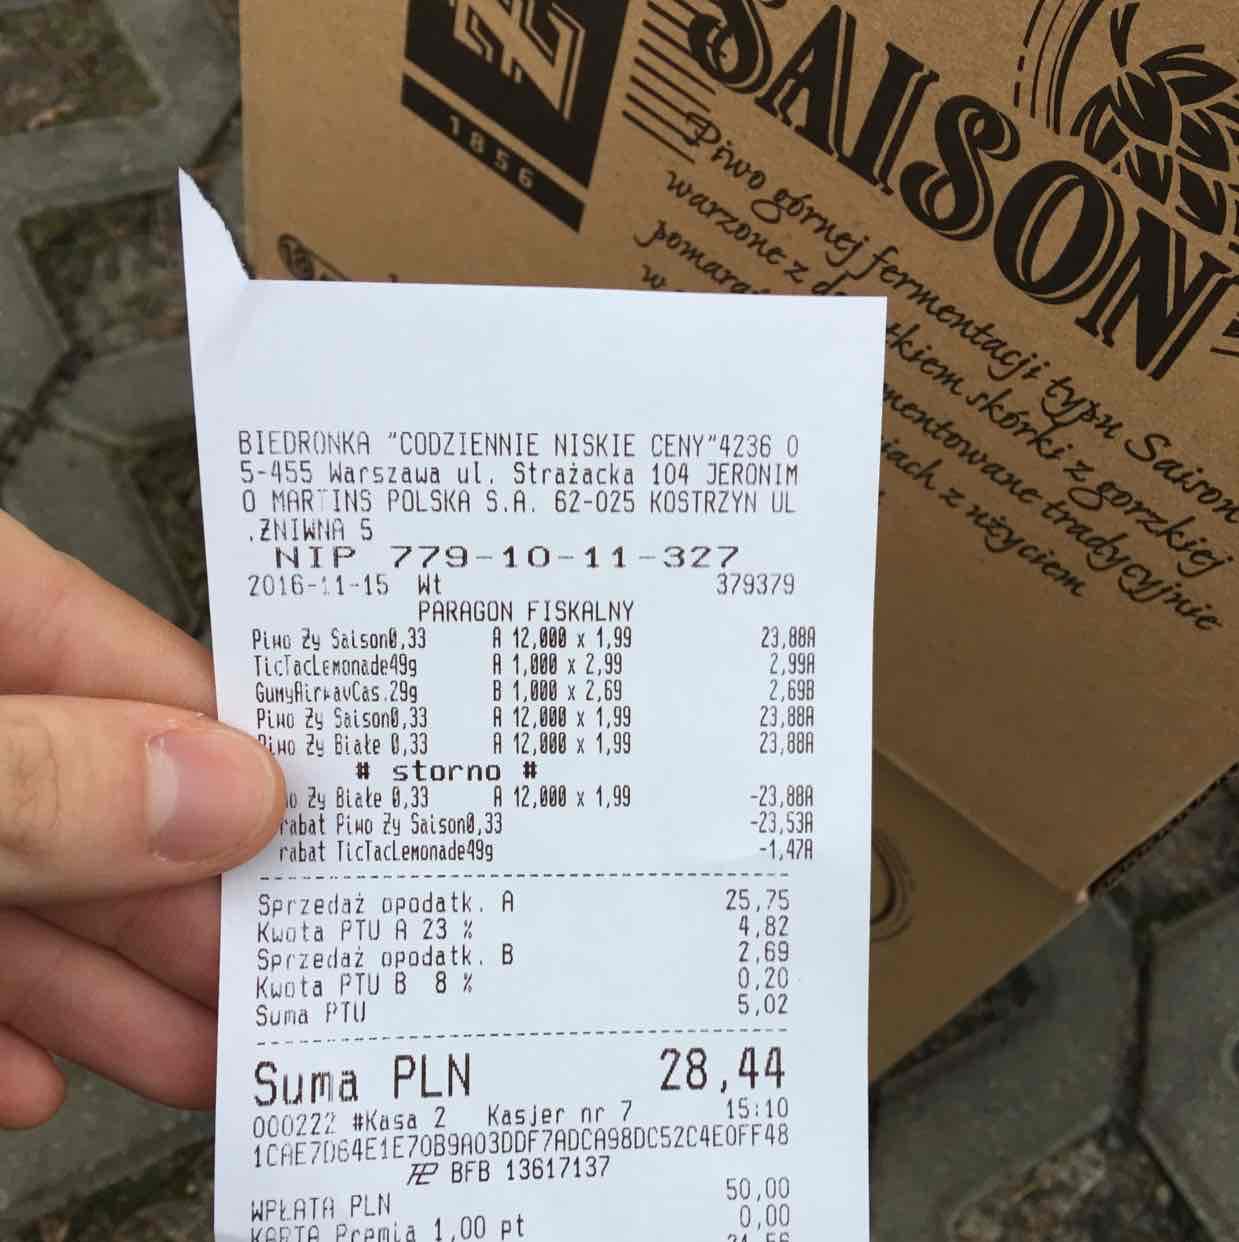 Żywiec Saison 330ml za 1,00PLN